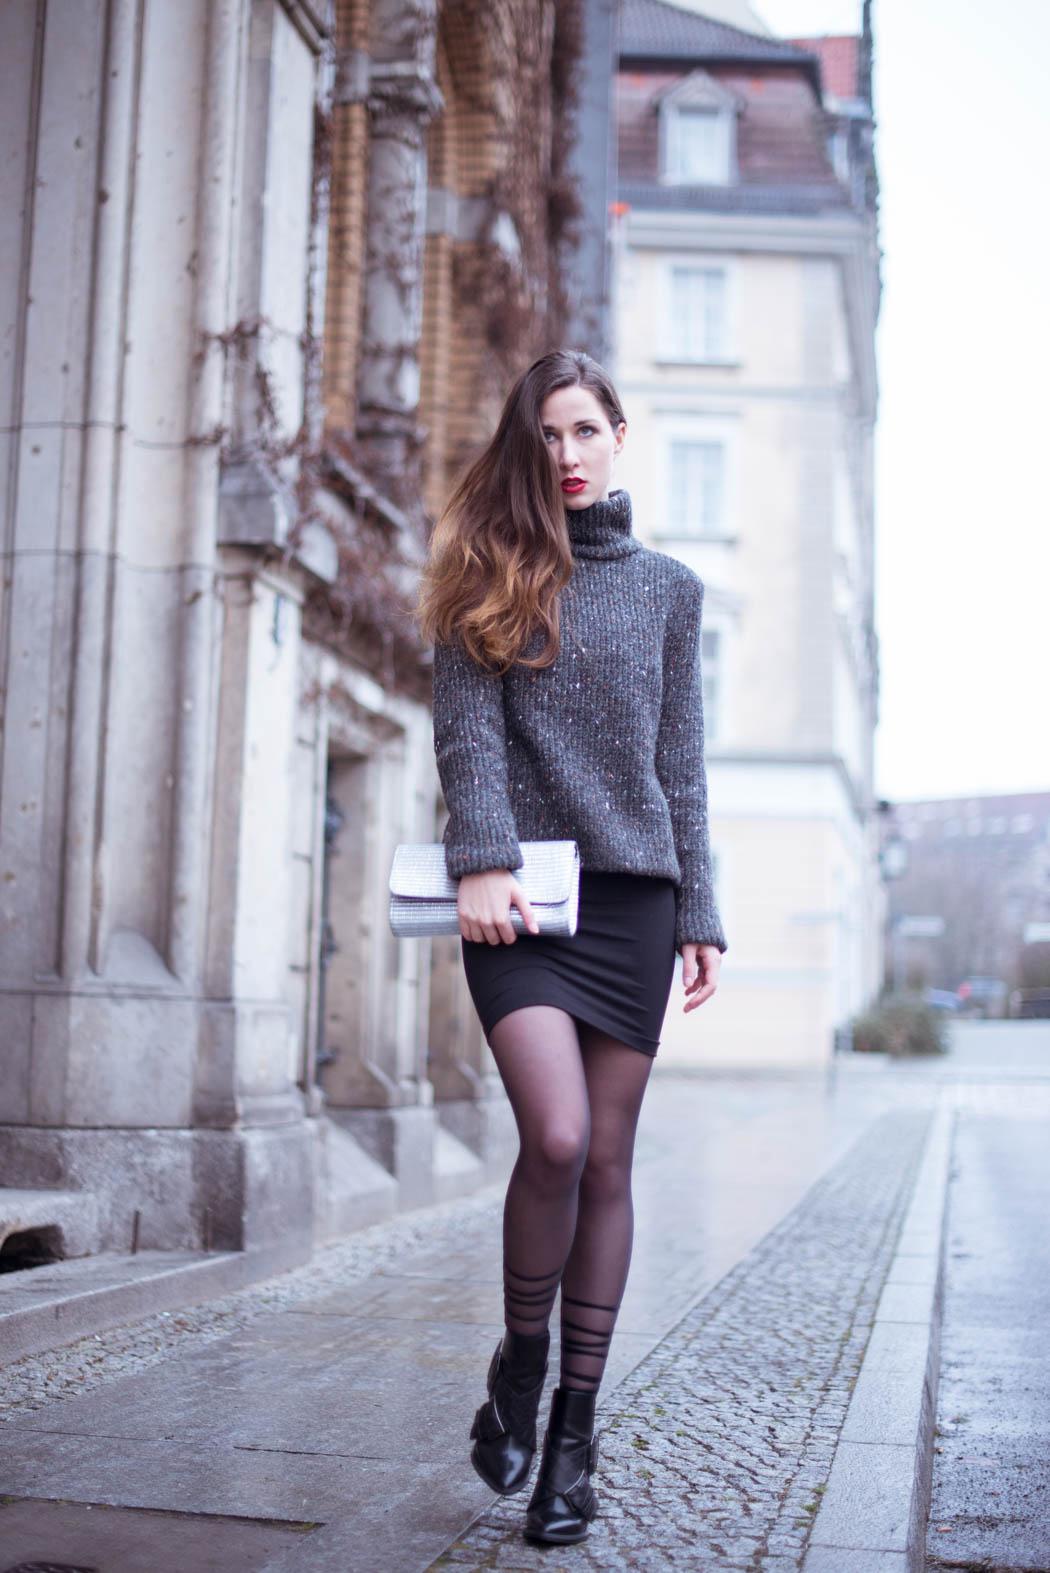 Zara-Ankleboots-Wolford-Dior-so-real-Fashionblogger-München-Deutschland-Lindarella-1